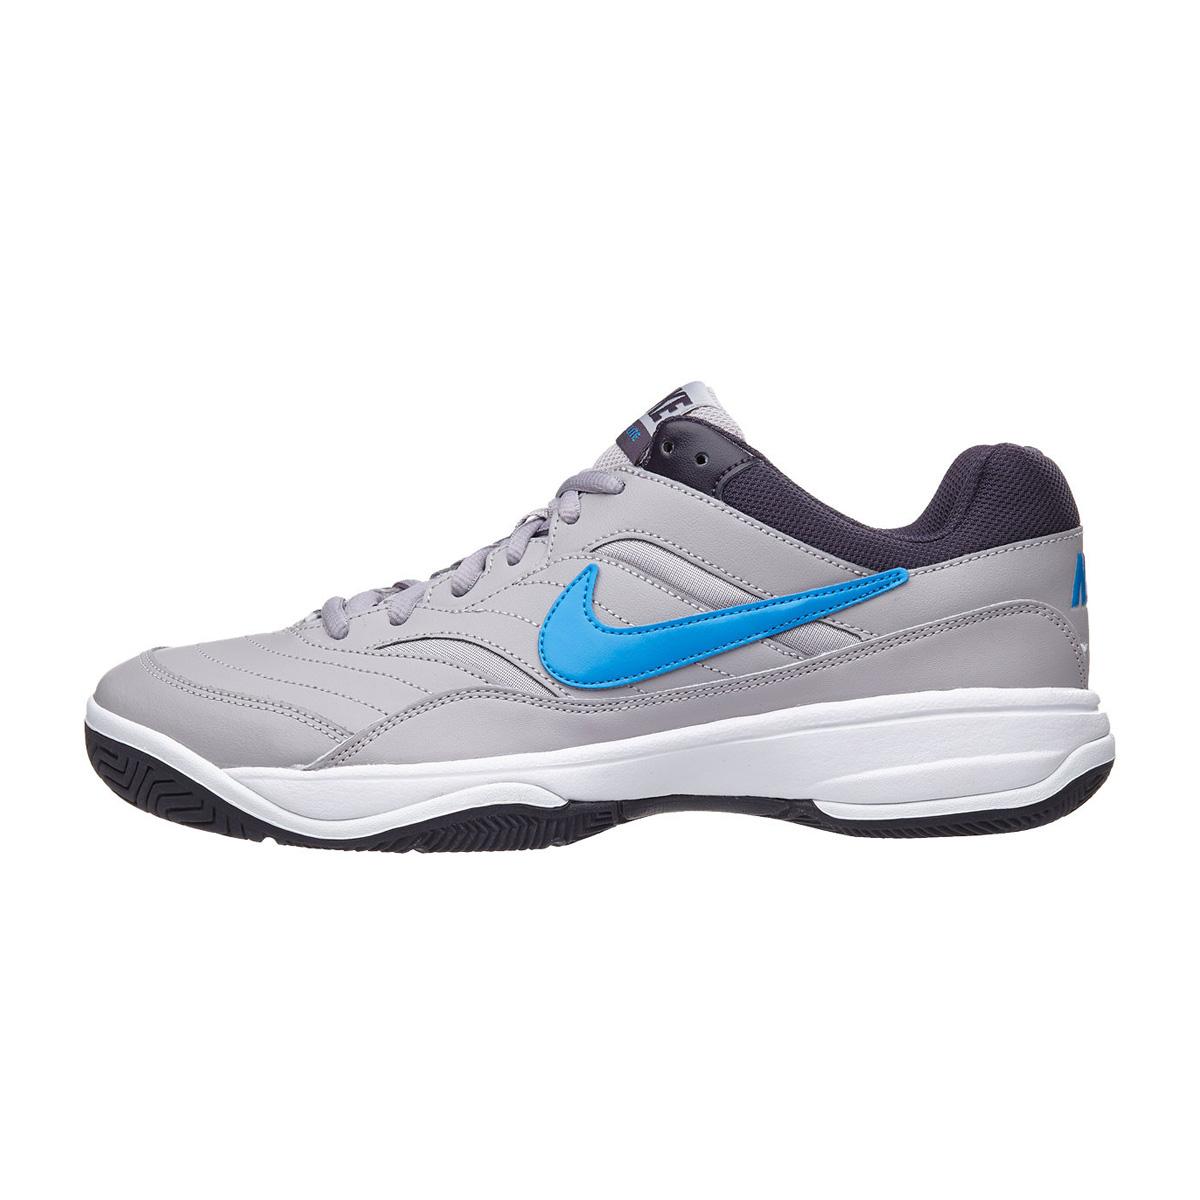 cdcf337921 Tênis Nike Court Lite Cinza e Azul - Empório do Tenista